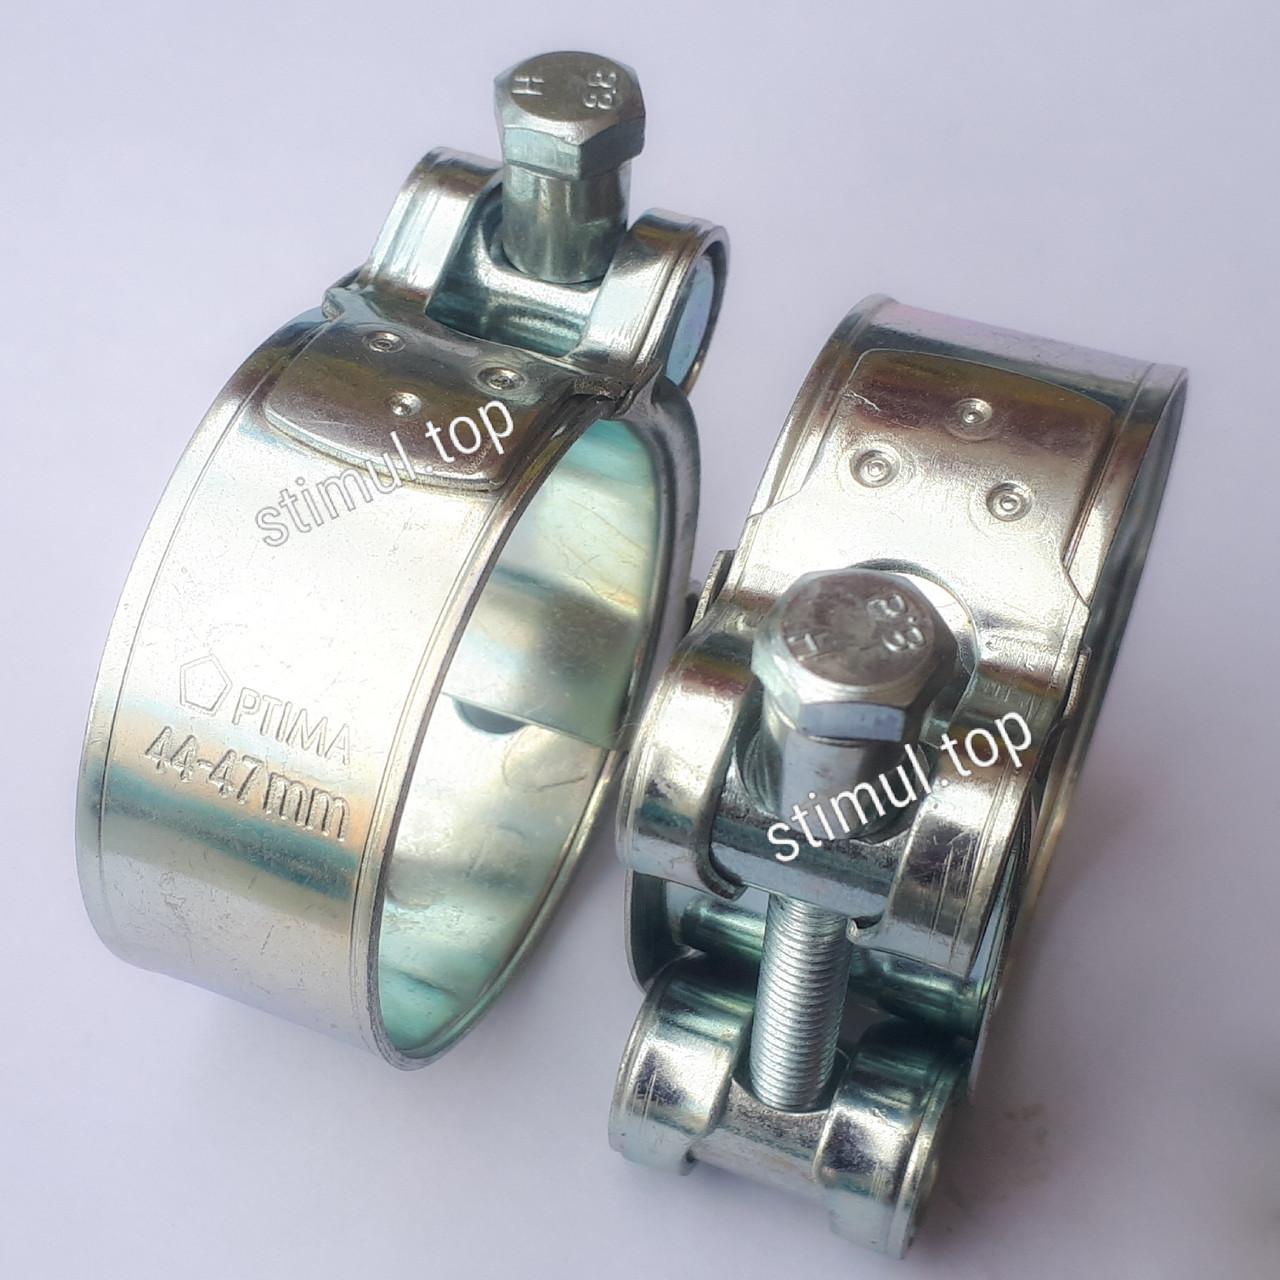 25-27 мм / Хомут усиленный болтовой / Optima / Силовой хомут для шлангов высокого давления / Хомути оцинковані